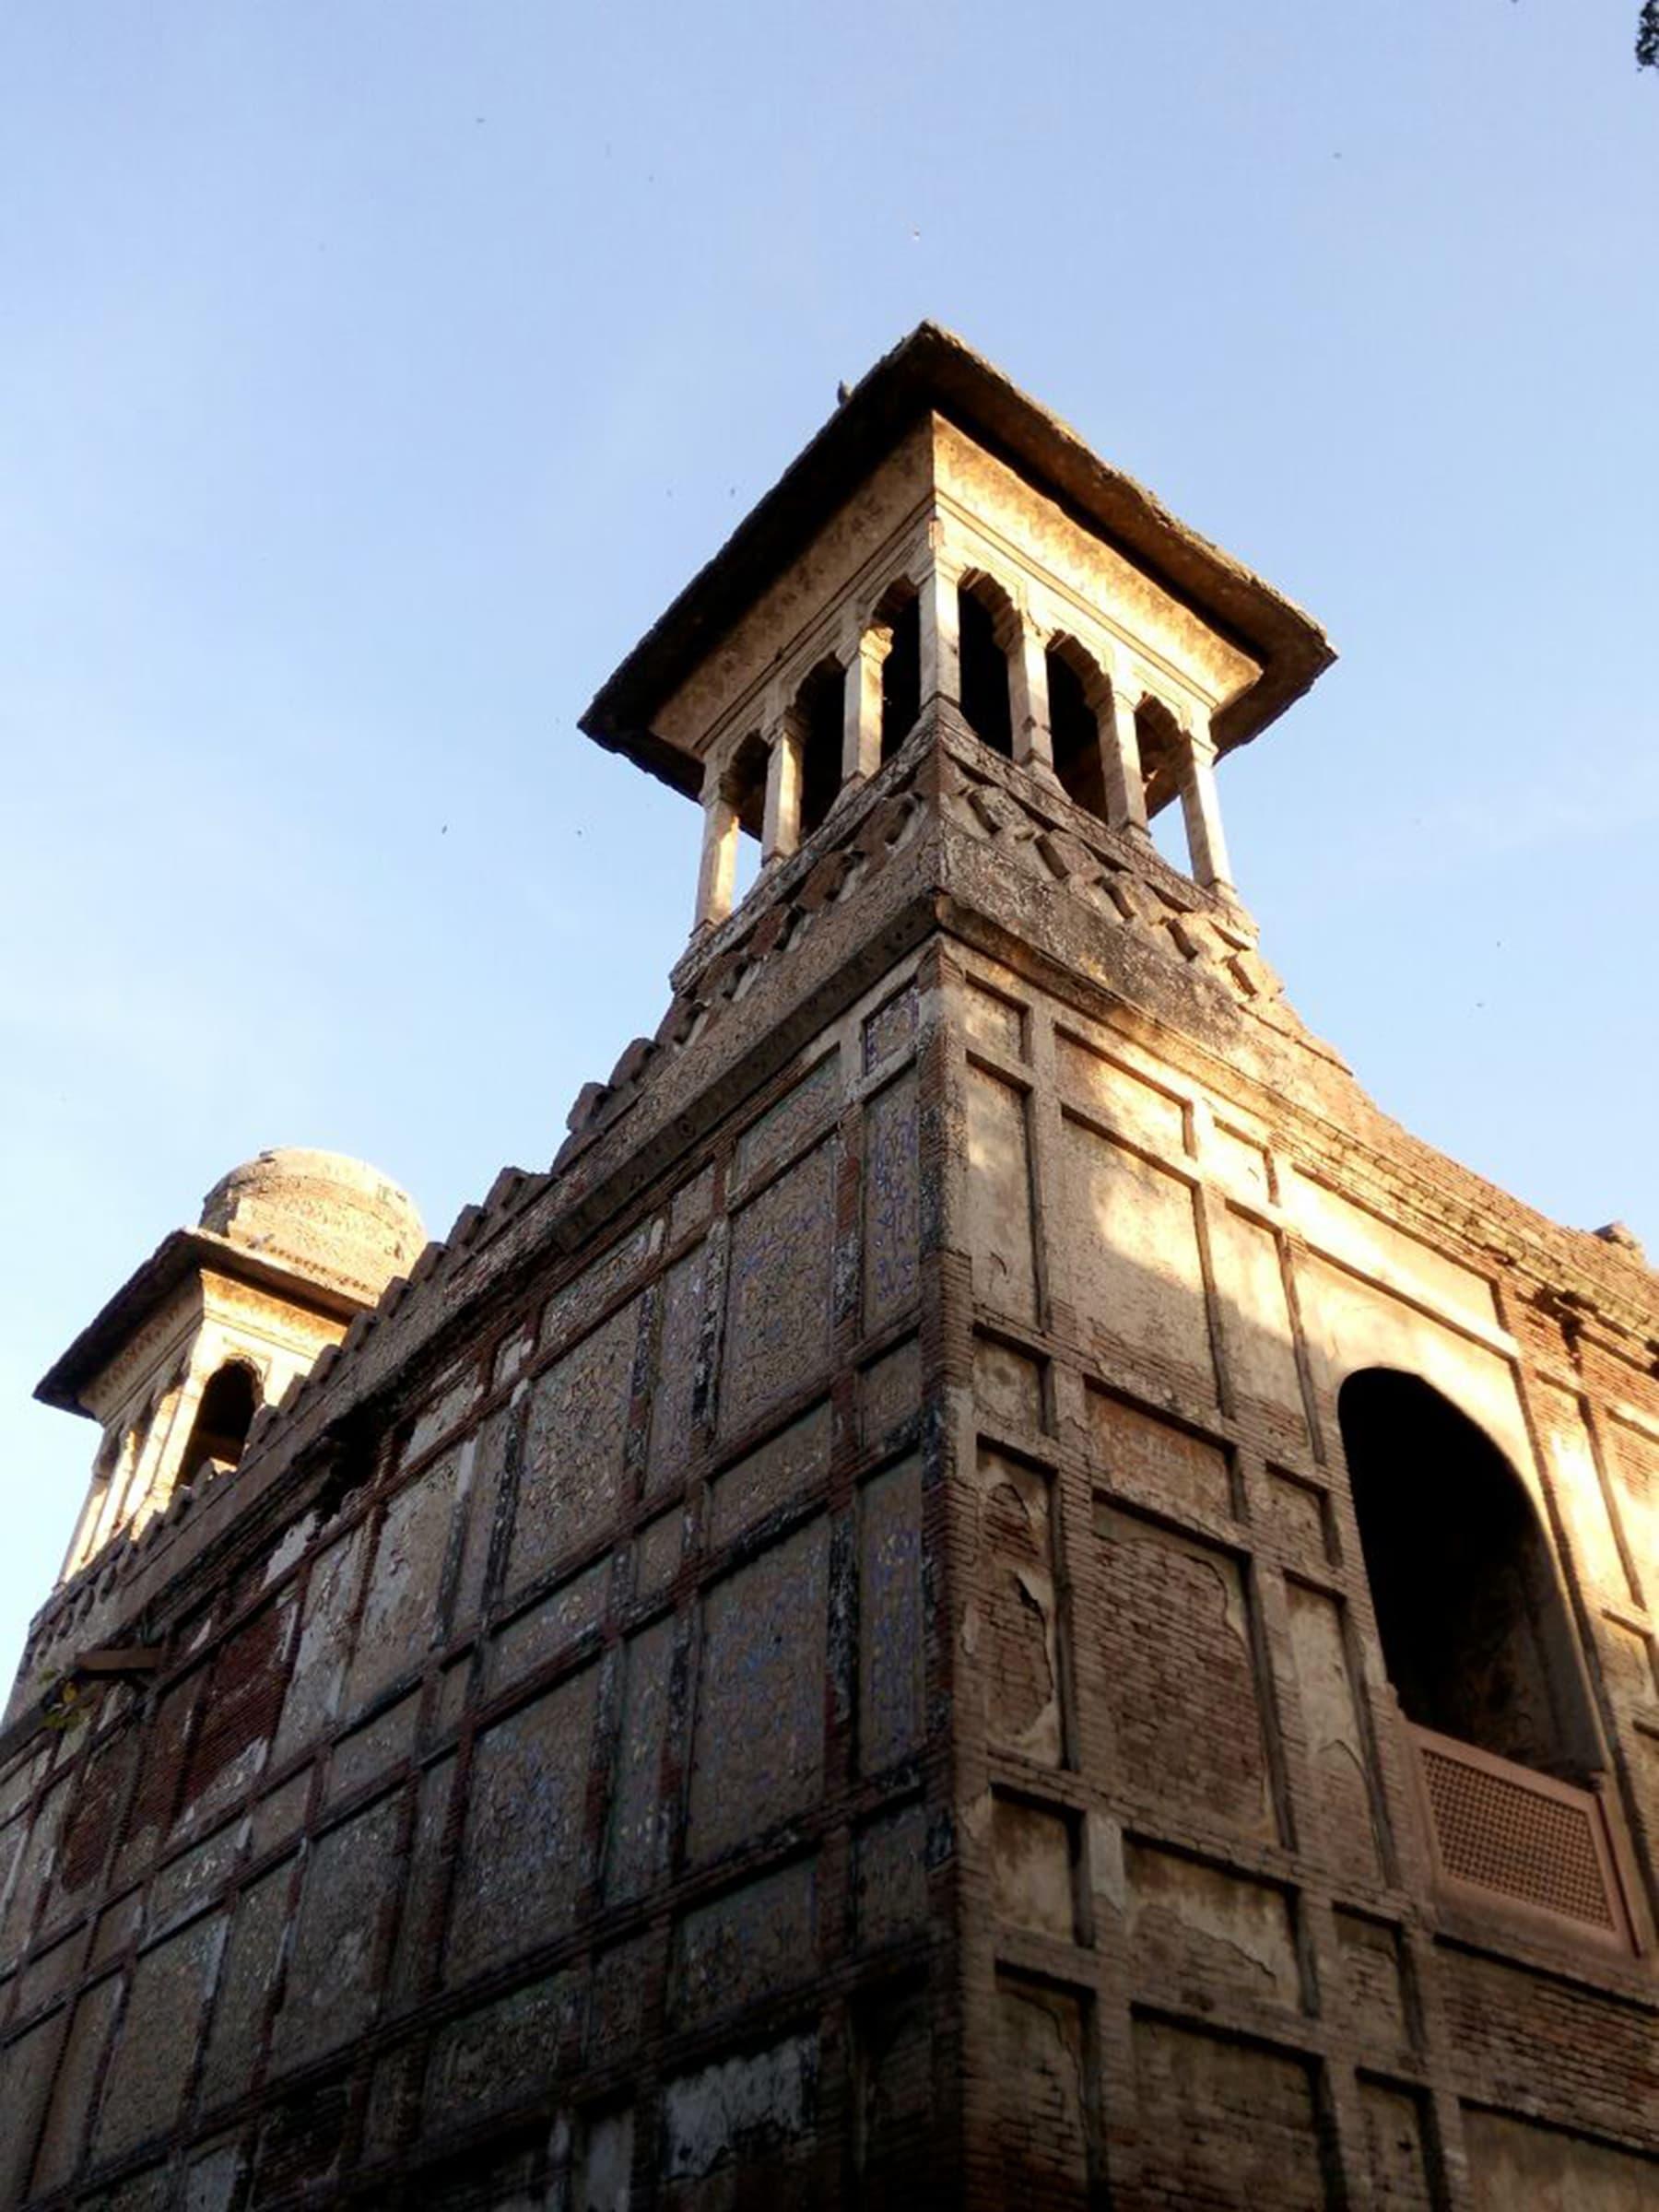 مختلف تحقیقی حوالوں سے یہ بات ثابت ہوتی ہے کہ زیب النسا کی قبر لاہور میں نہیں سلیم گڑھ دہلی میں تھی